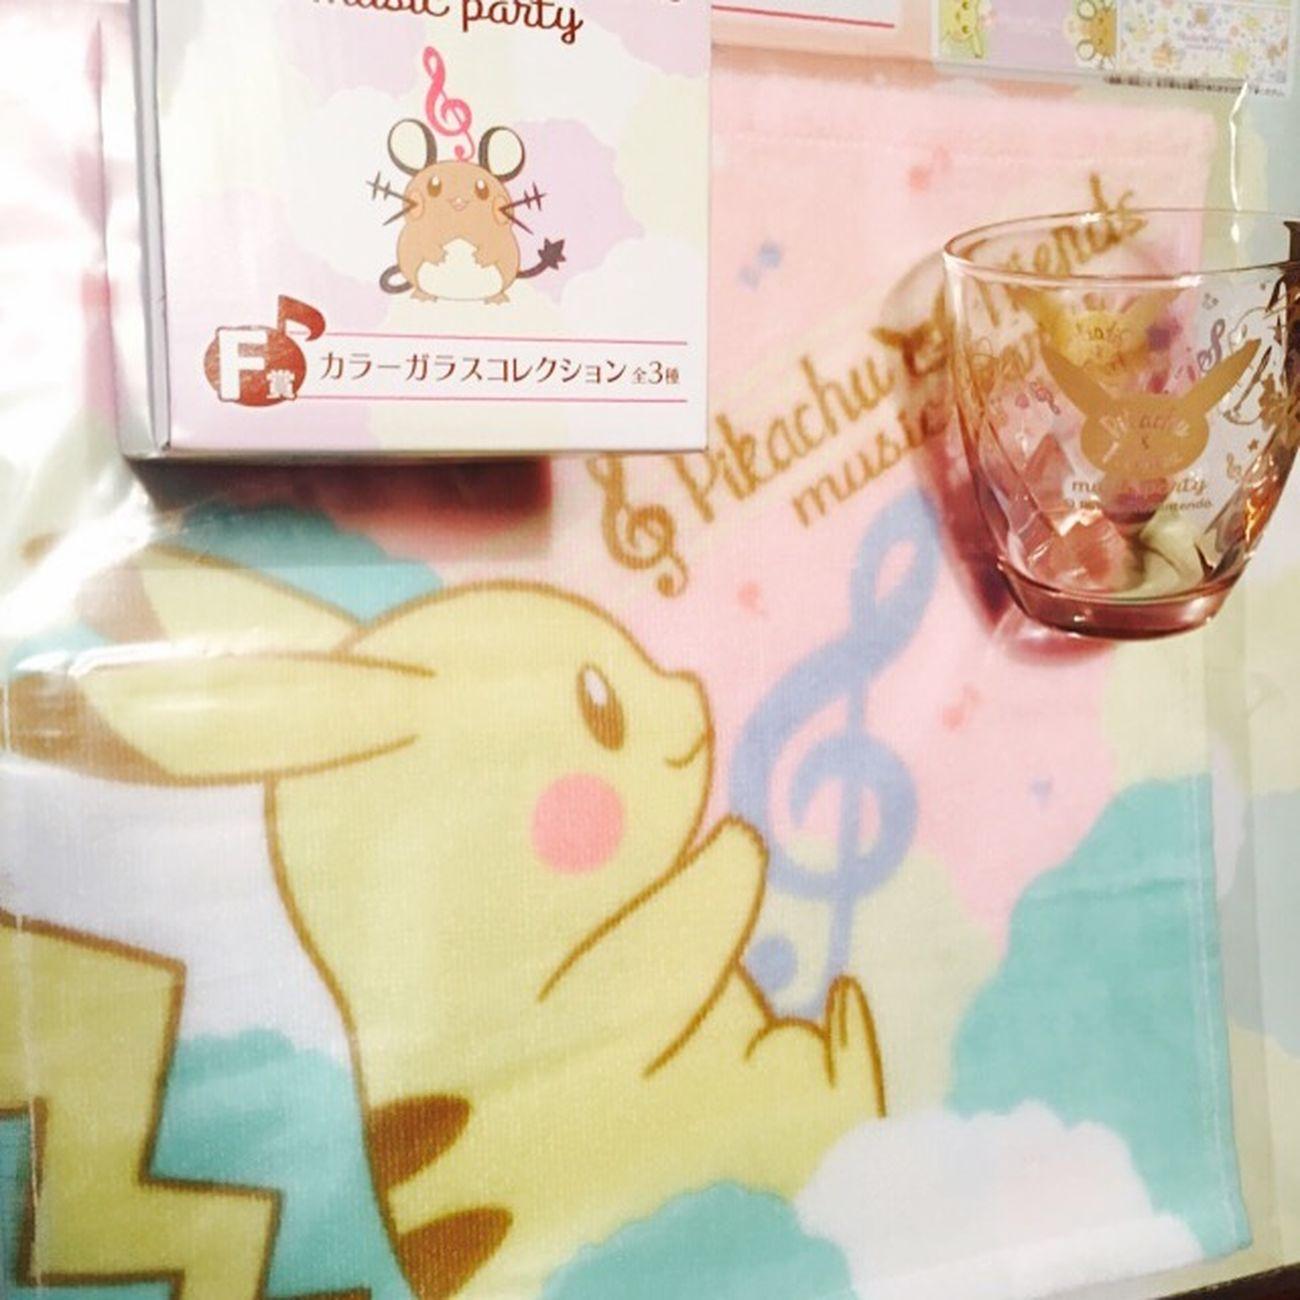 ポケモン 一番くじ Pokémon Pokemon♥♥♥♥ Japan